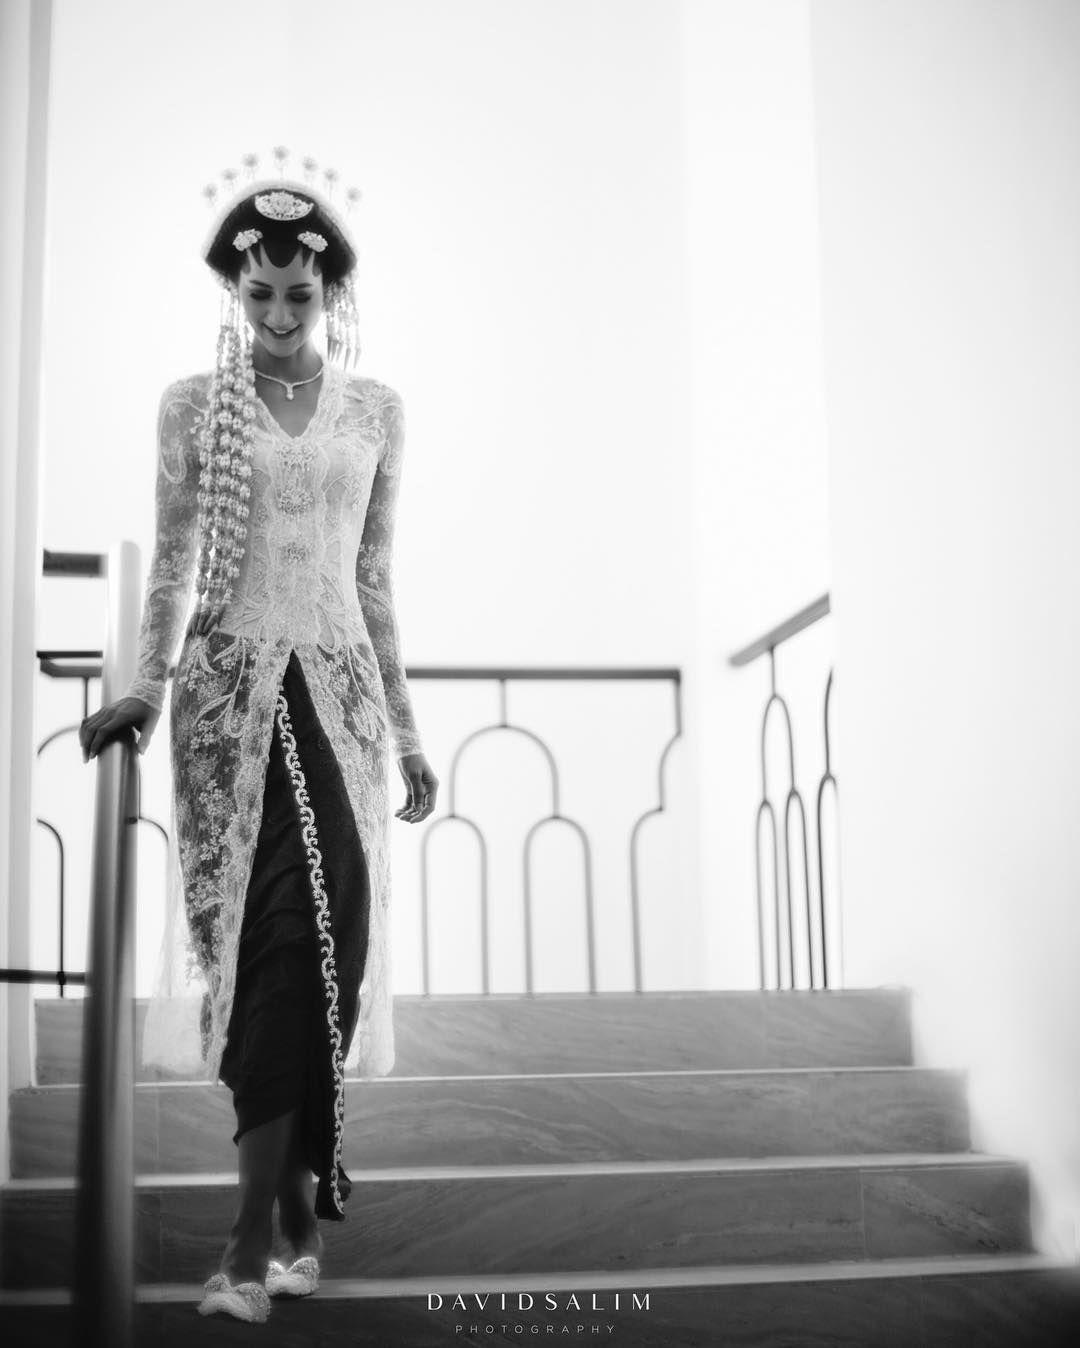 Gaun hingga Kebaya Modern, Intip Tampilan Memukau Paula Verhoeven